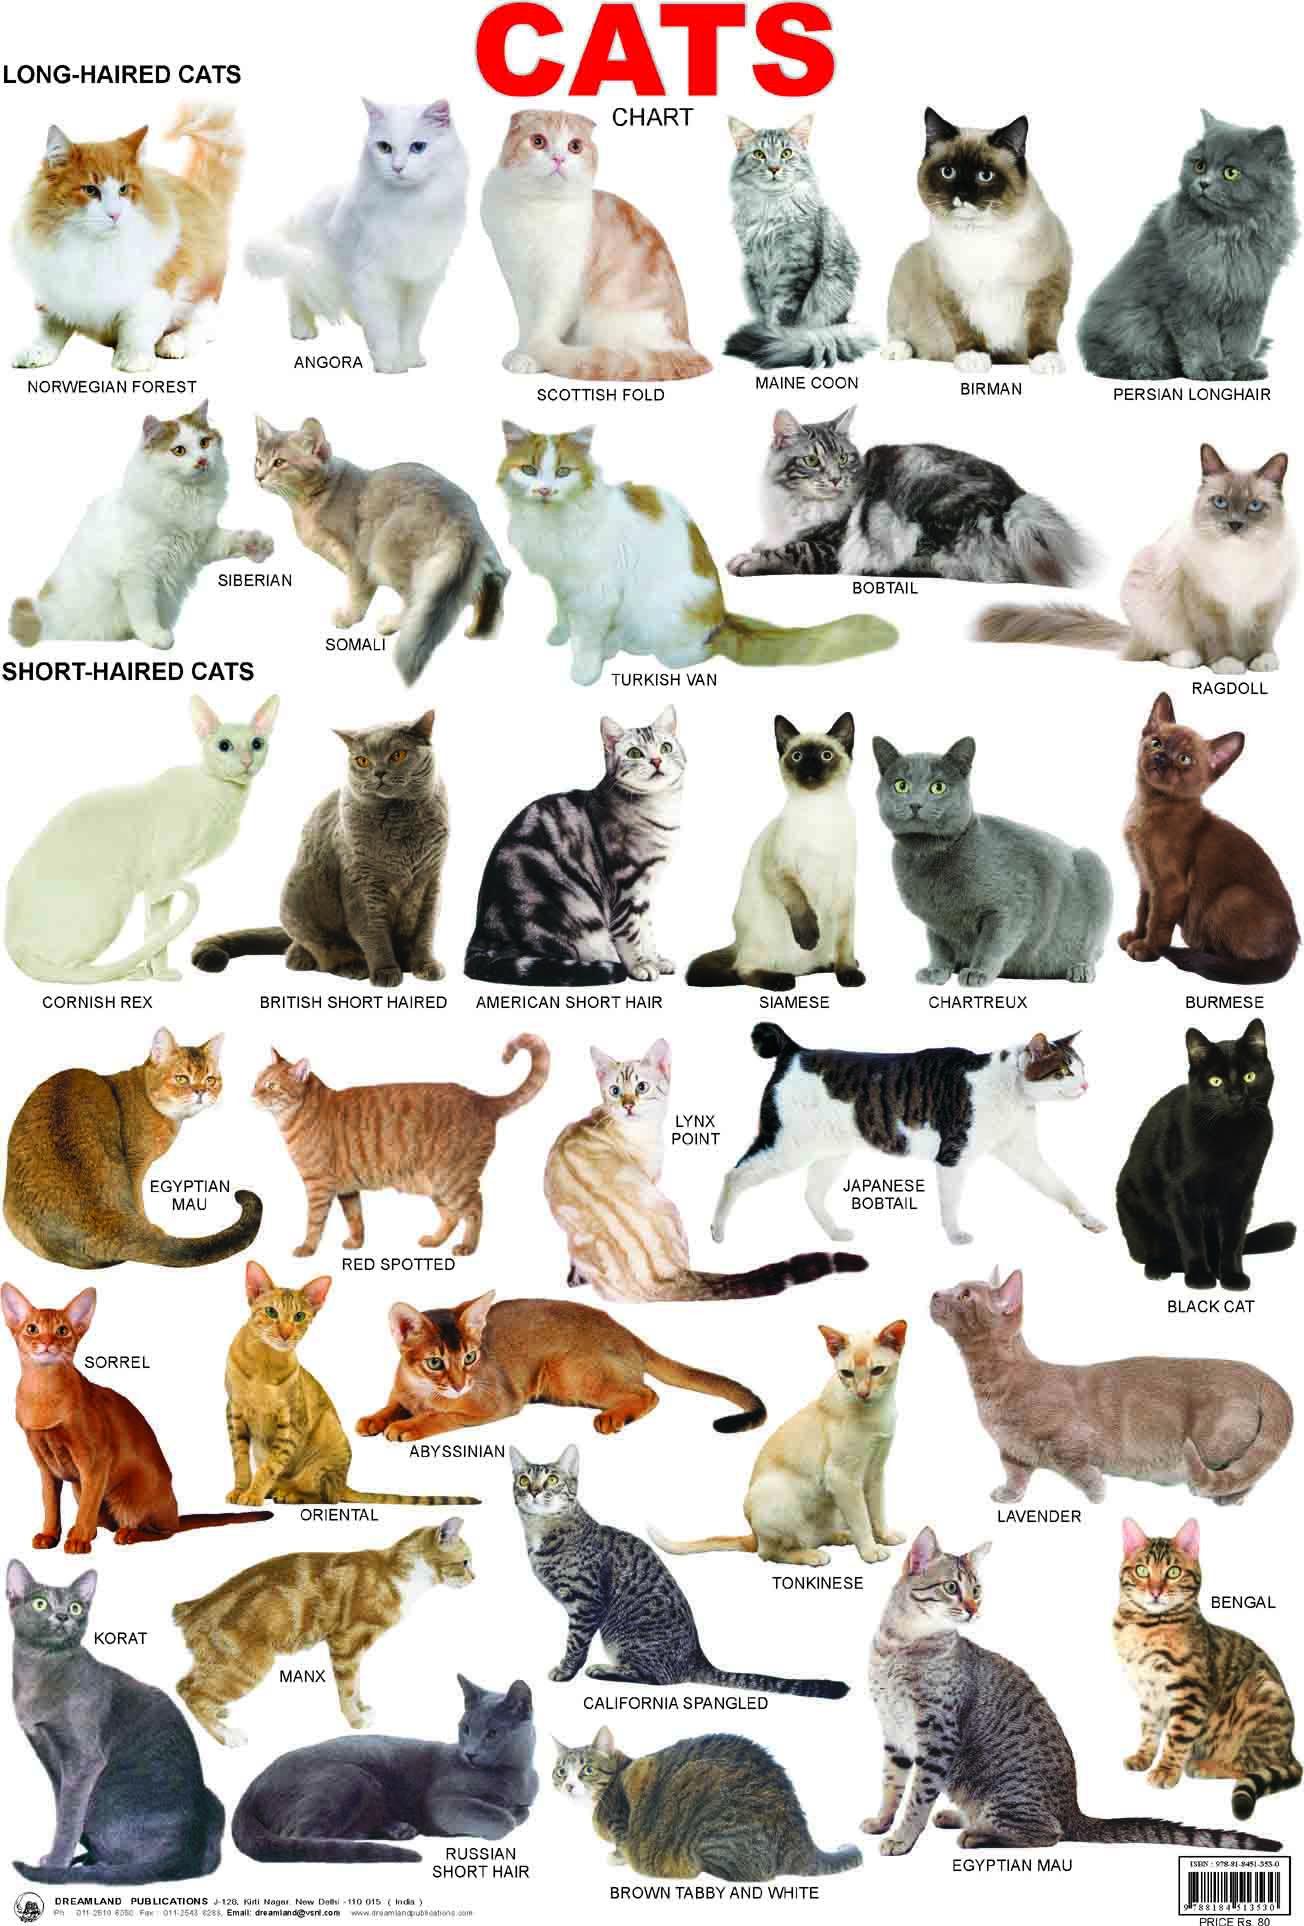 42CATS CHART.jpg (1304×1926) DIEREN Pinterest Cat